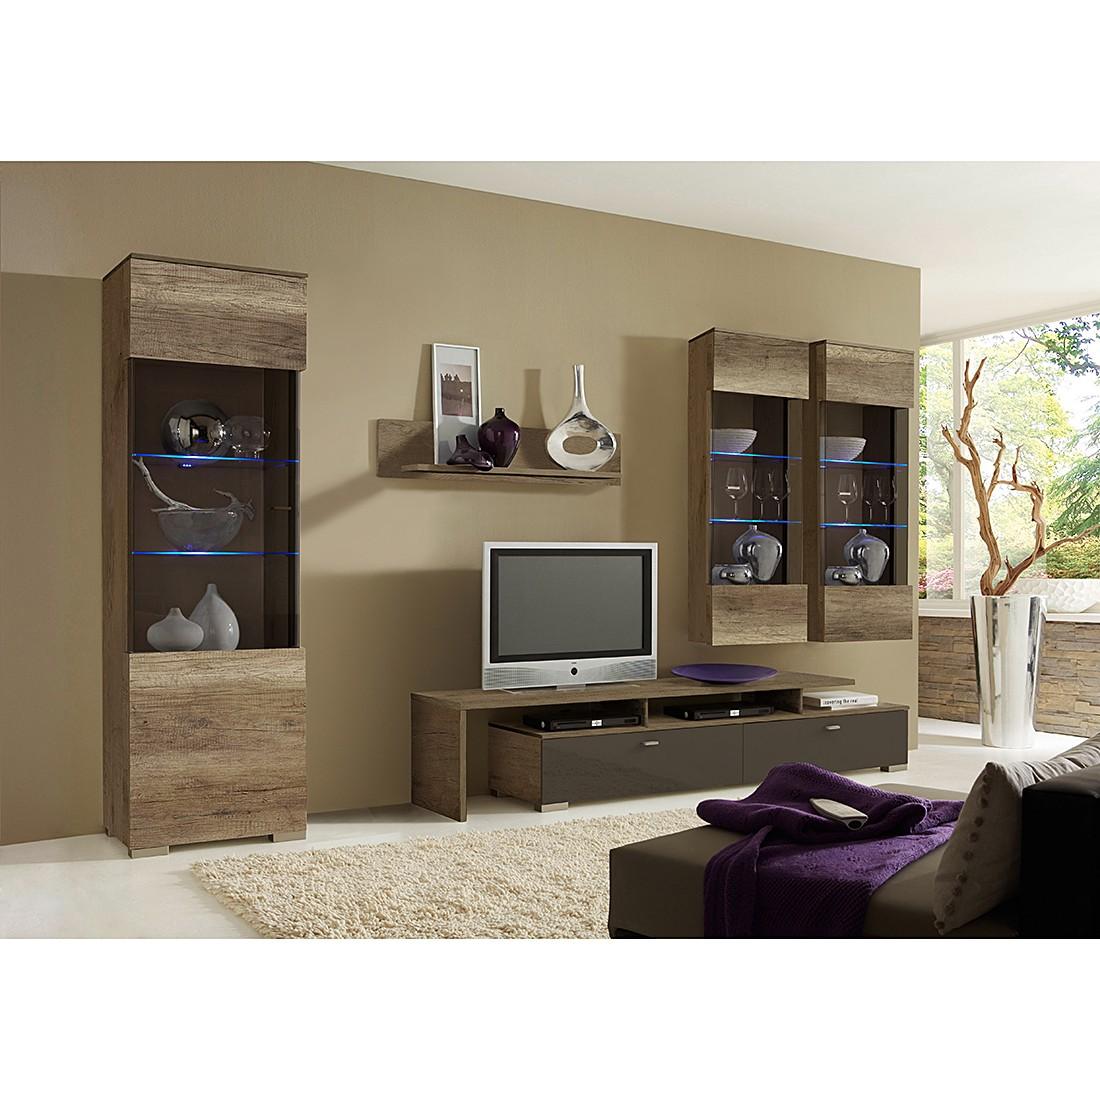 wohnwand leaf wildeiche tr ffel dekor absetzung hochglanz terra mit beleuchtung schrank. Black Bedroom Furniture Sets. Home Design Ideas